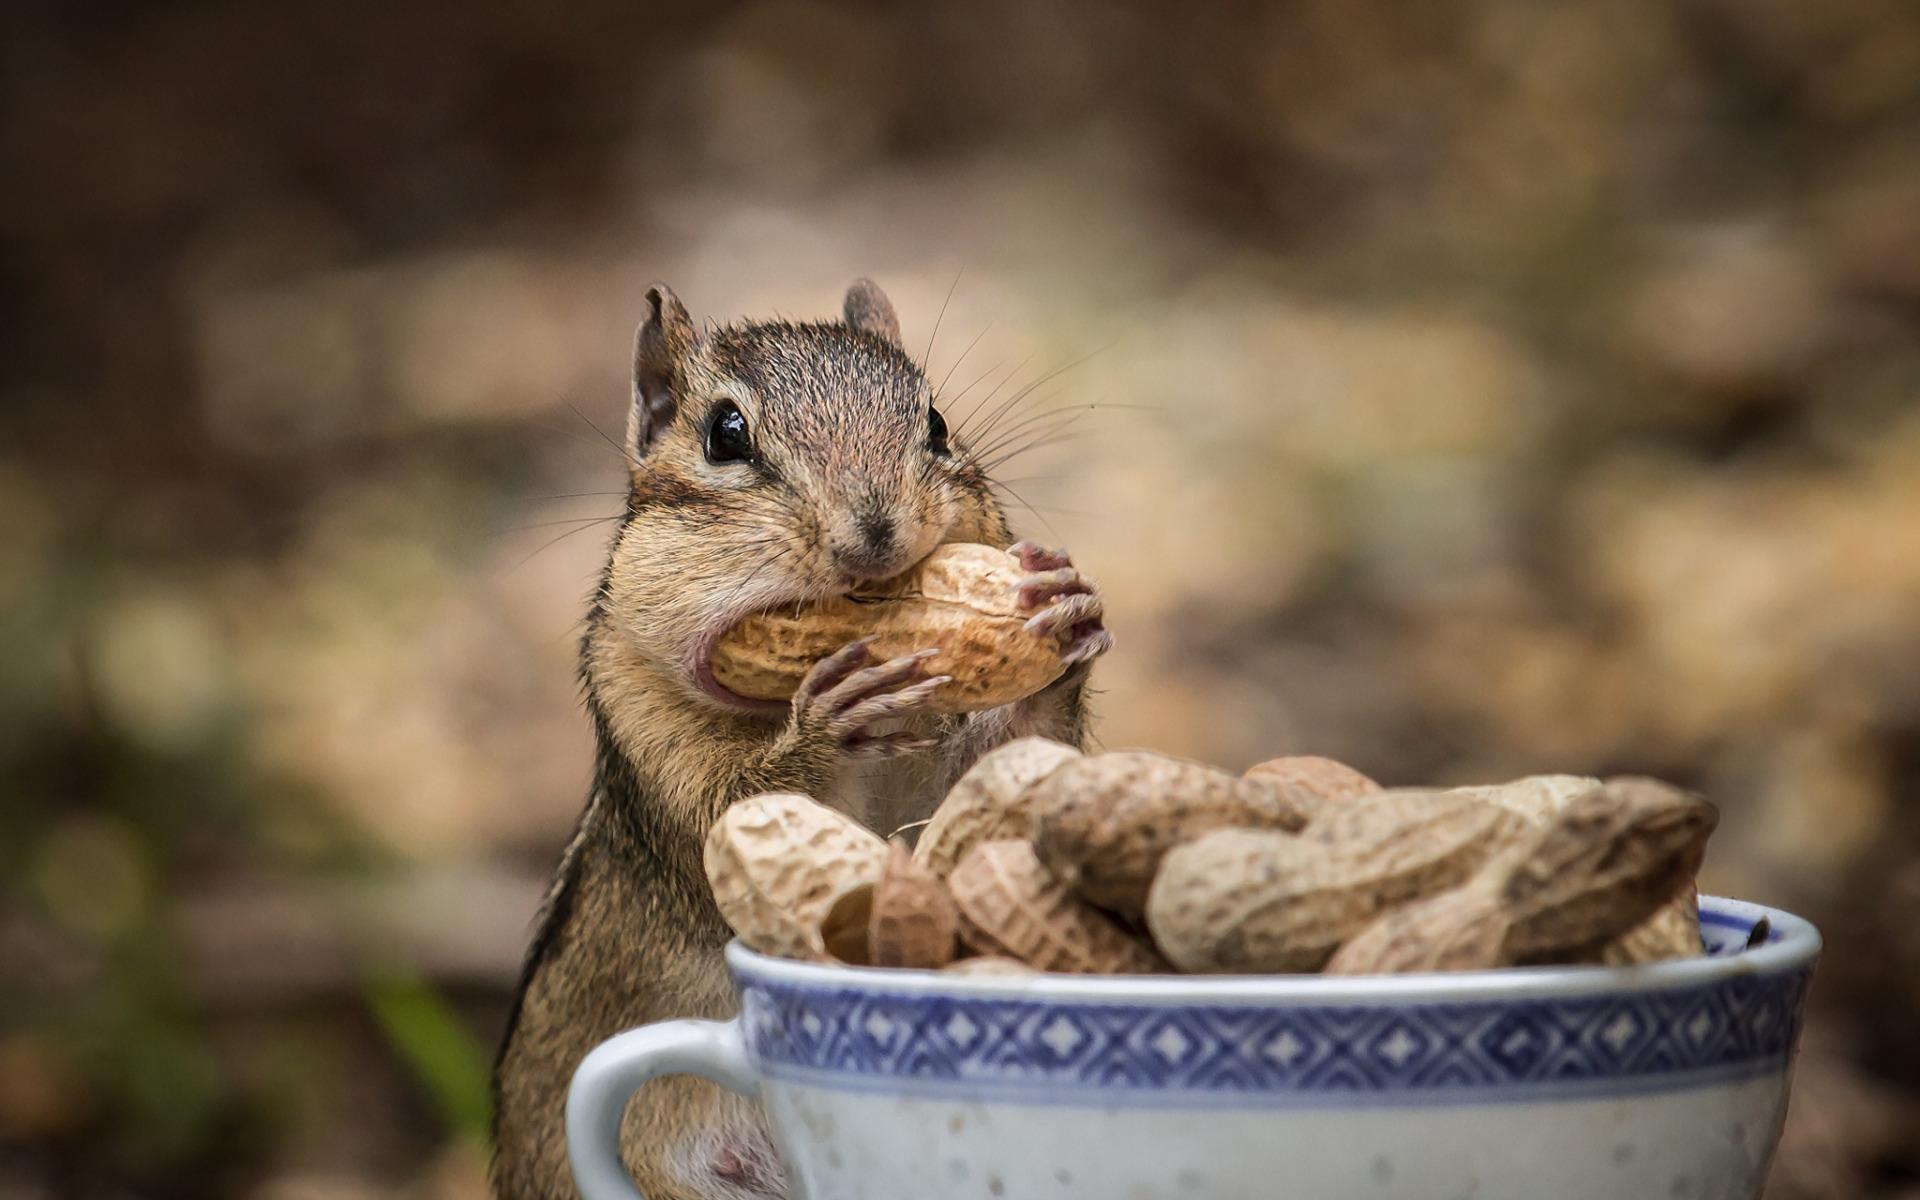 бурундук с арахисом  № 136379 без смс